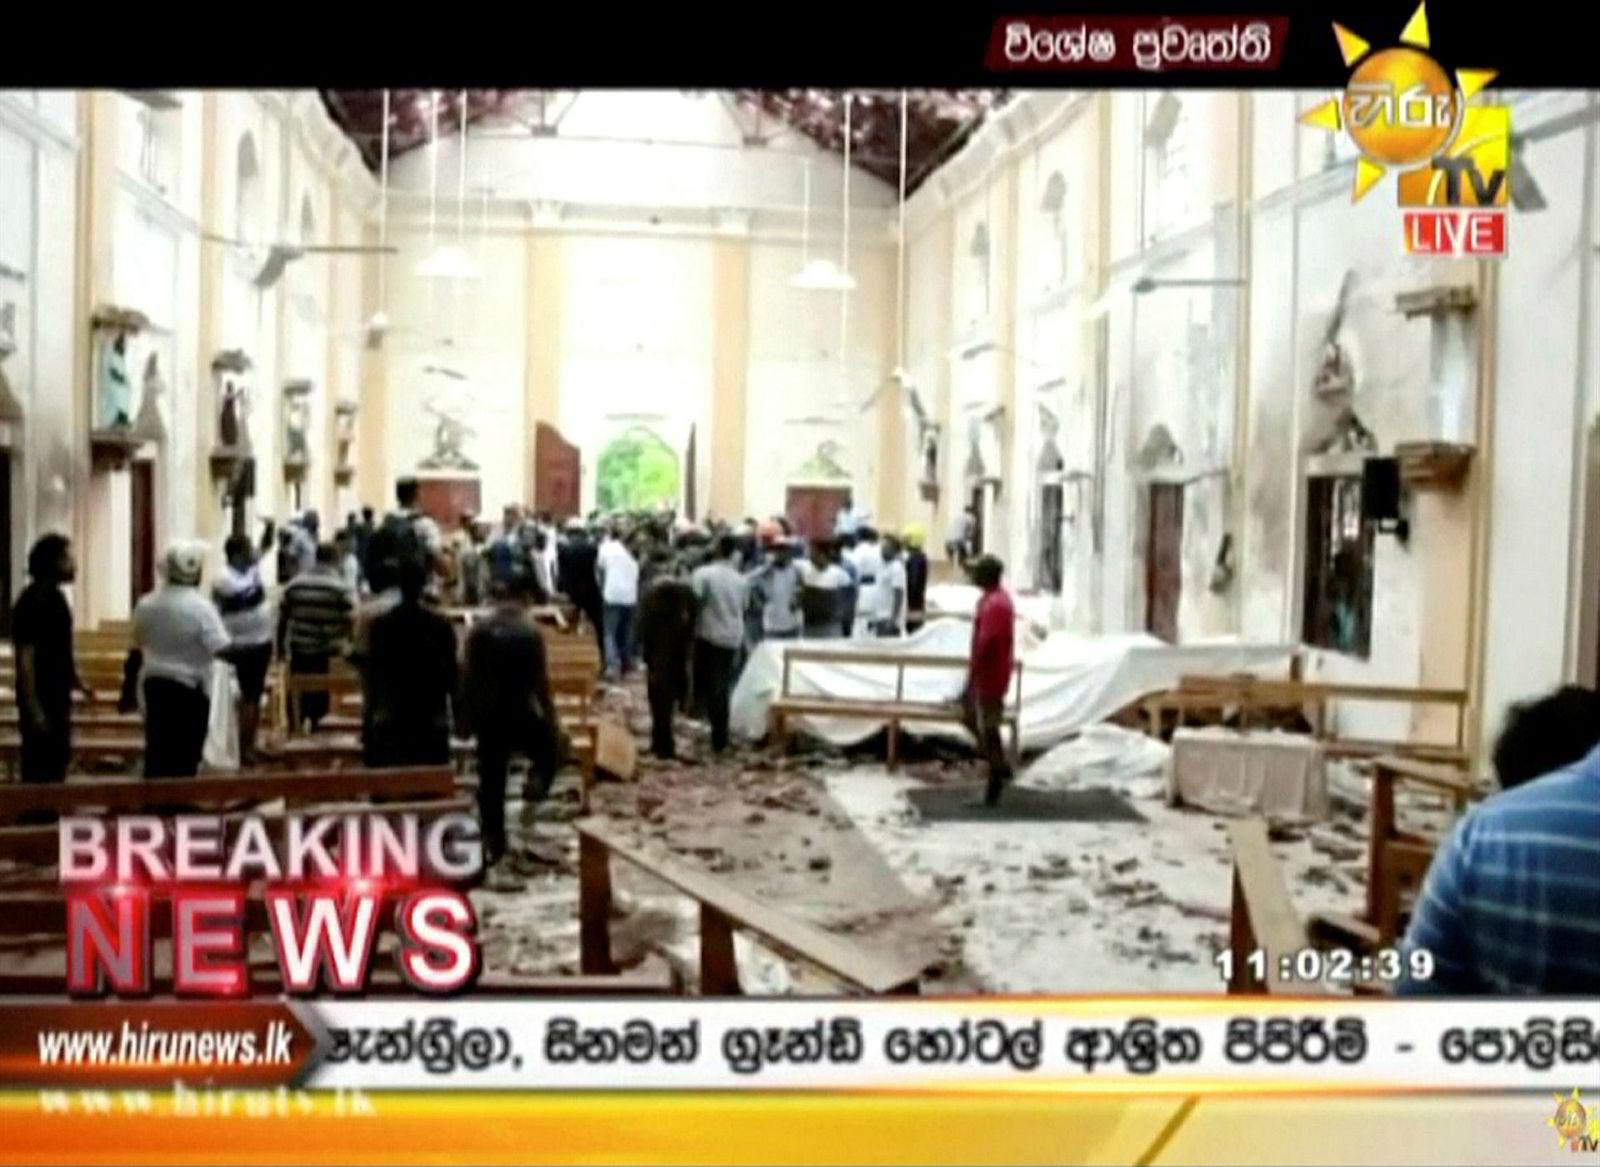 Stillbilde fra en fjernsynssending på Hiru tv som viser ødeleggelser inne i en kirke i Colombo.